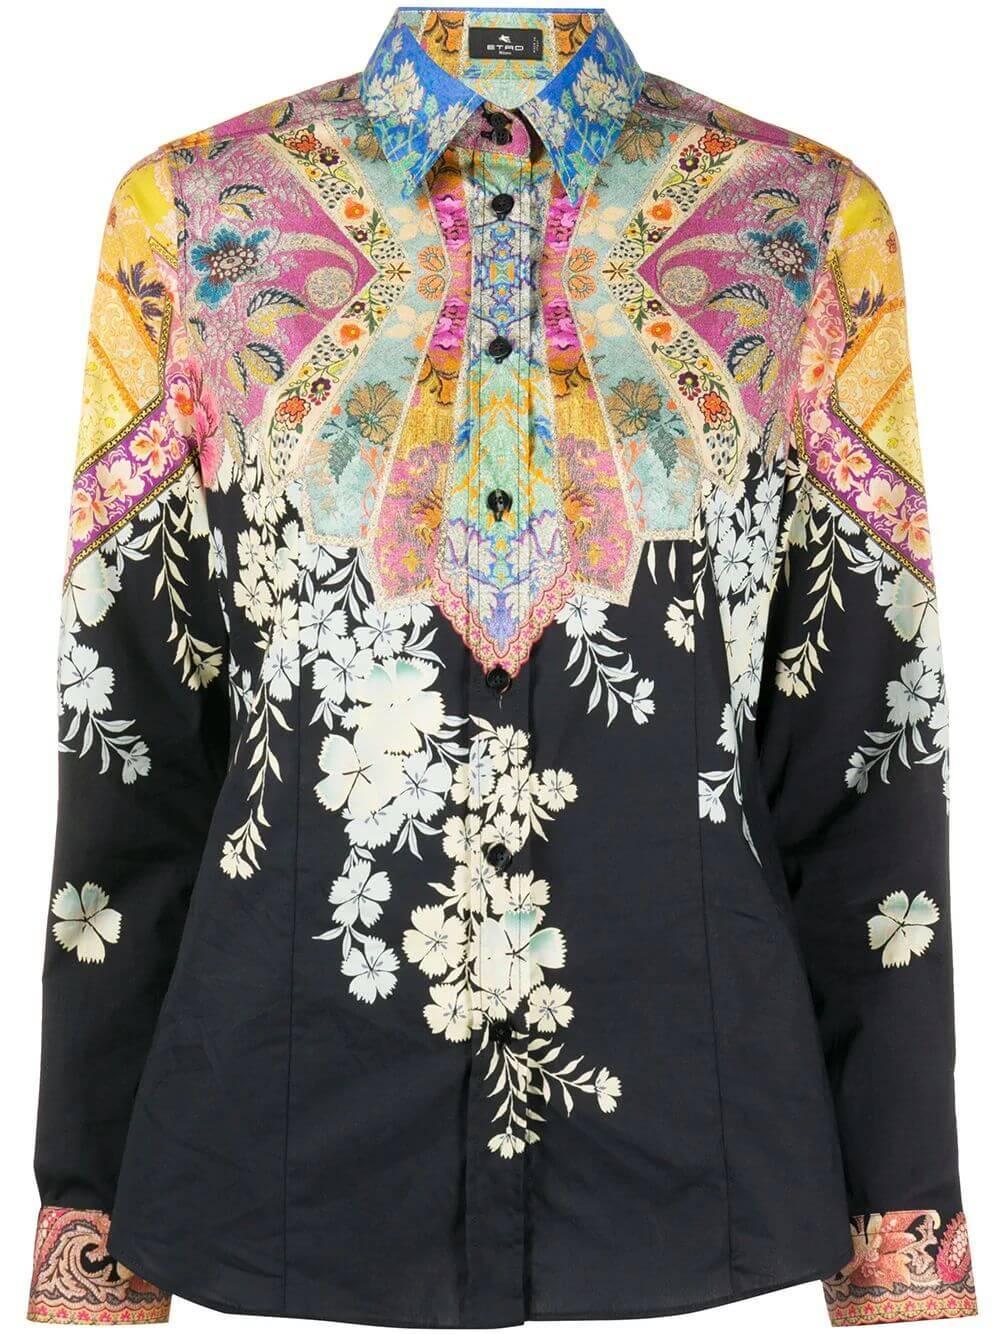 Camicia Sciancrata Multi Cotton Blouse Item # 19030-9045